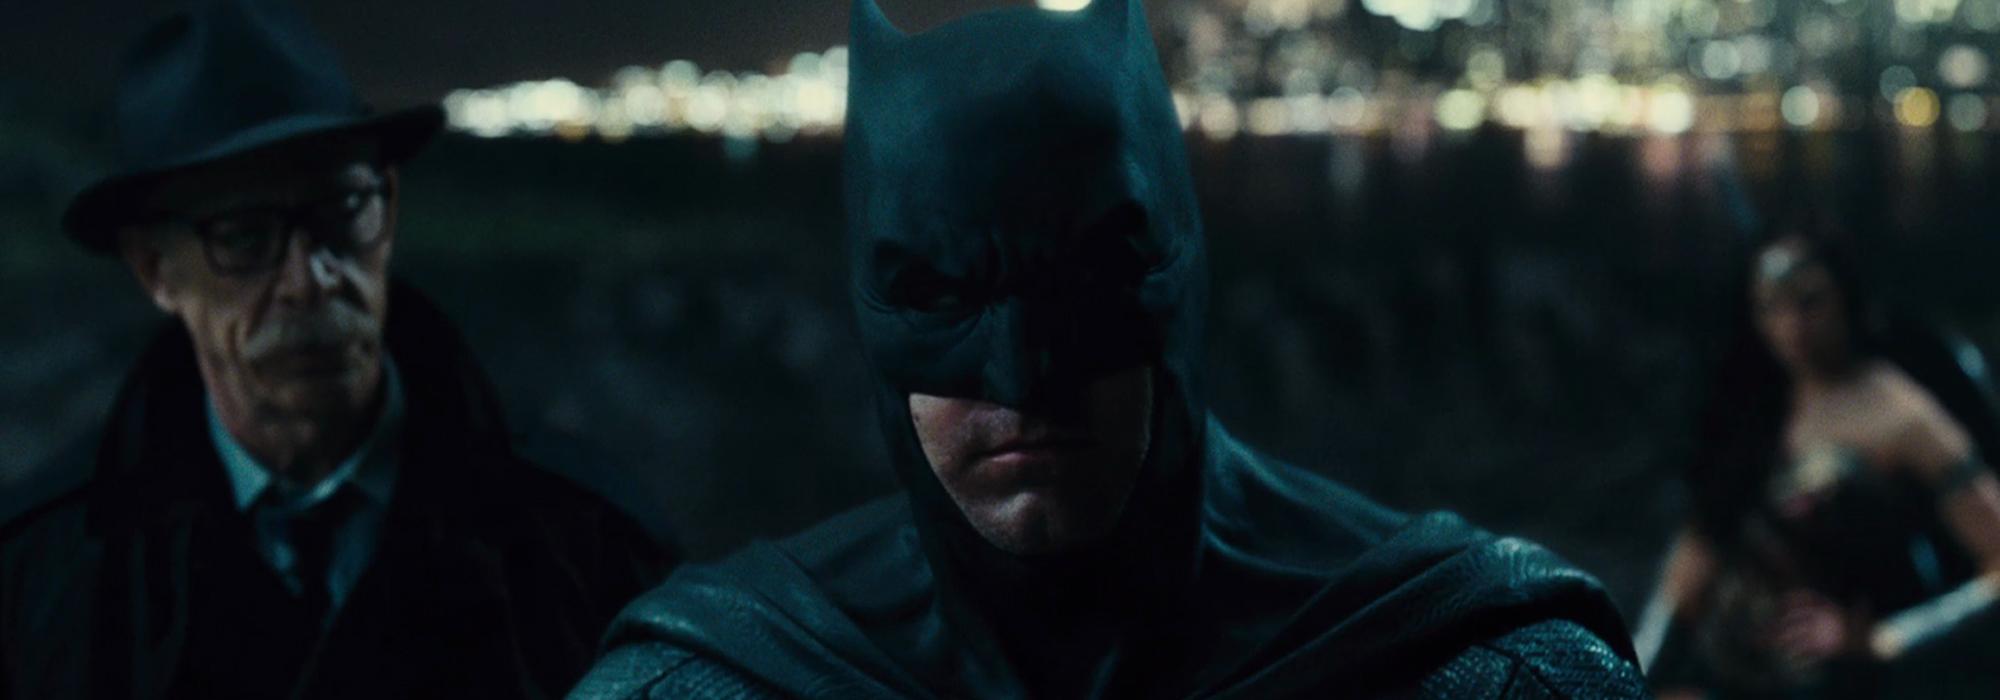 Batman dans Justice League